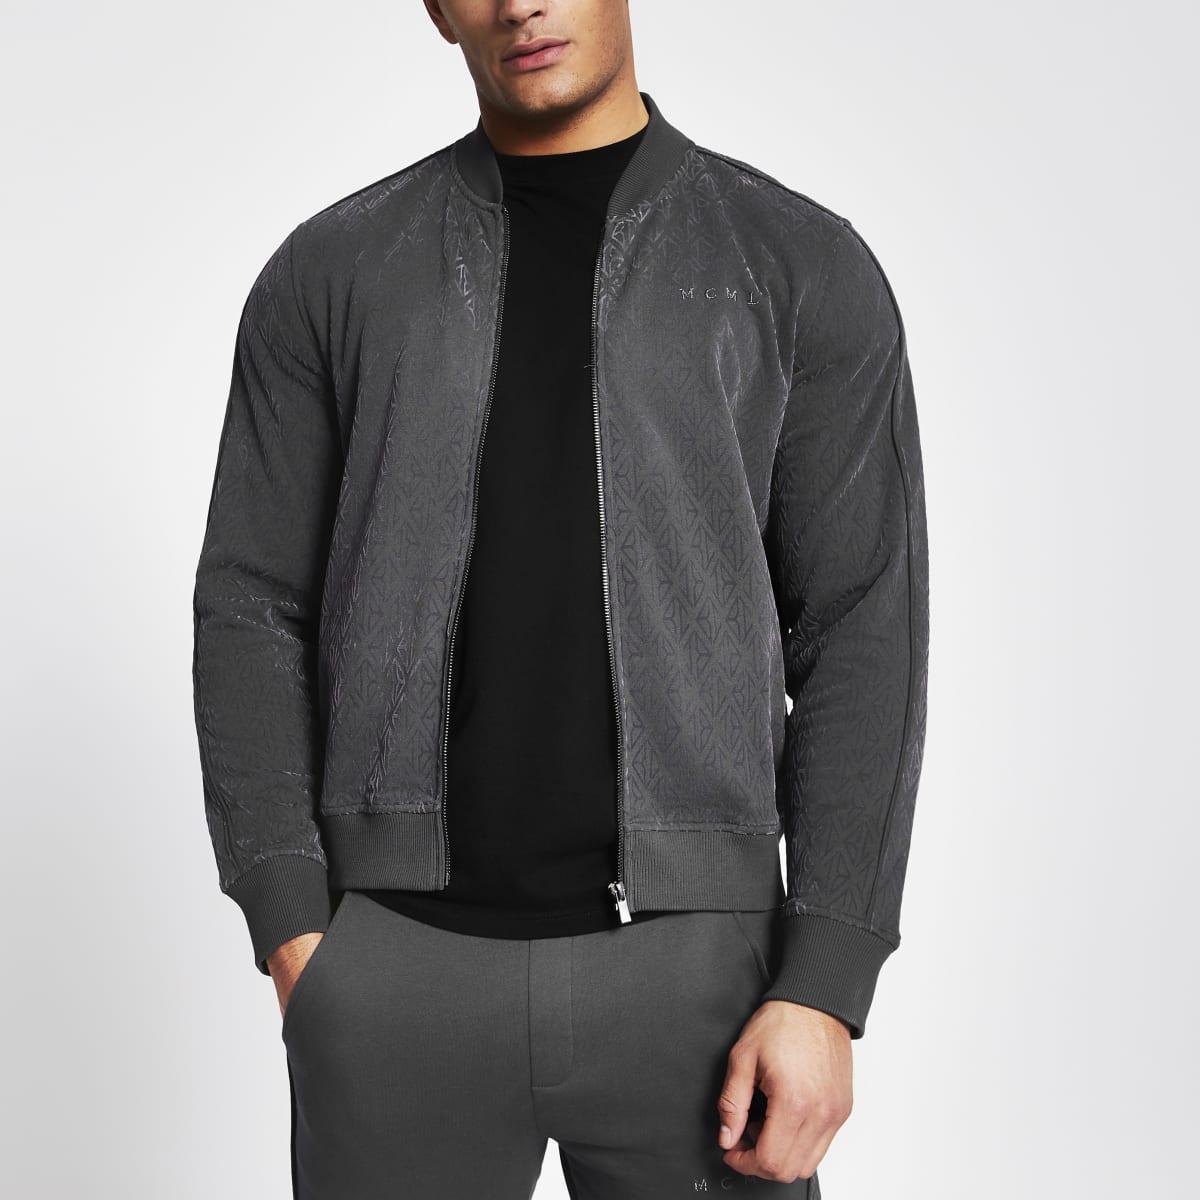 MCMLX - Donkergrijze sweater van velours met rits